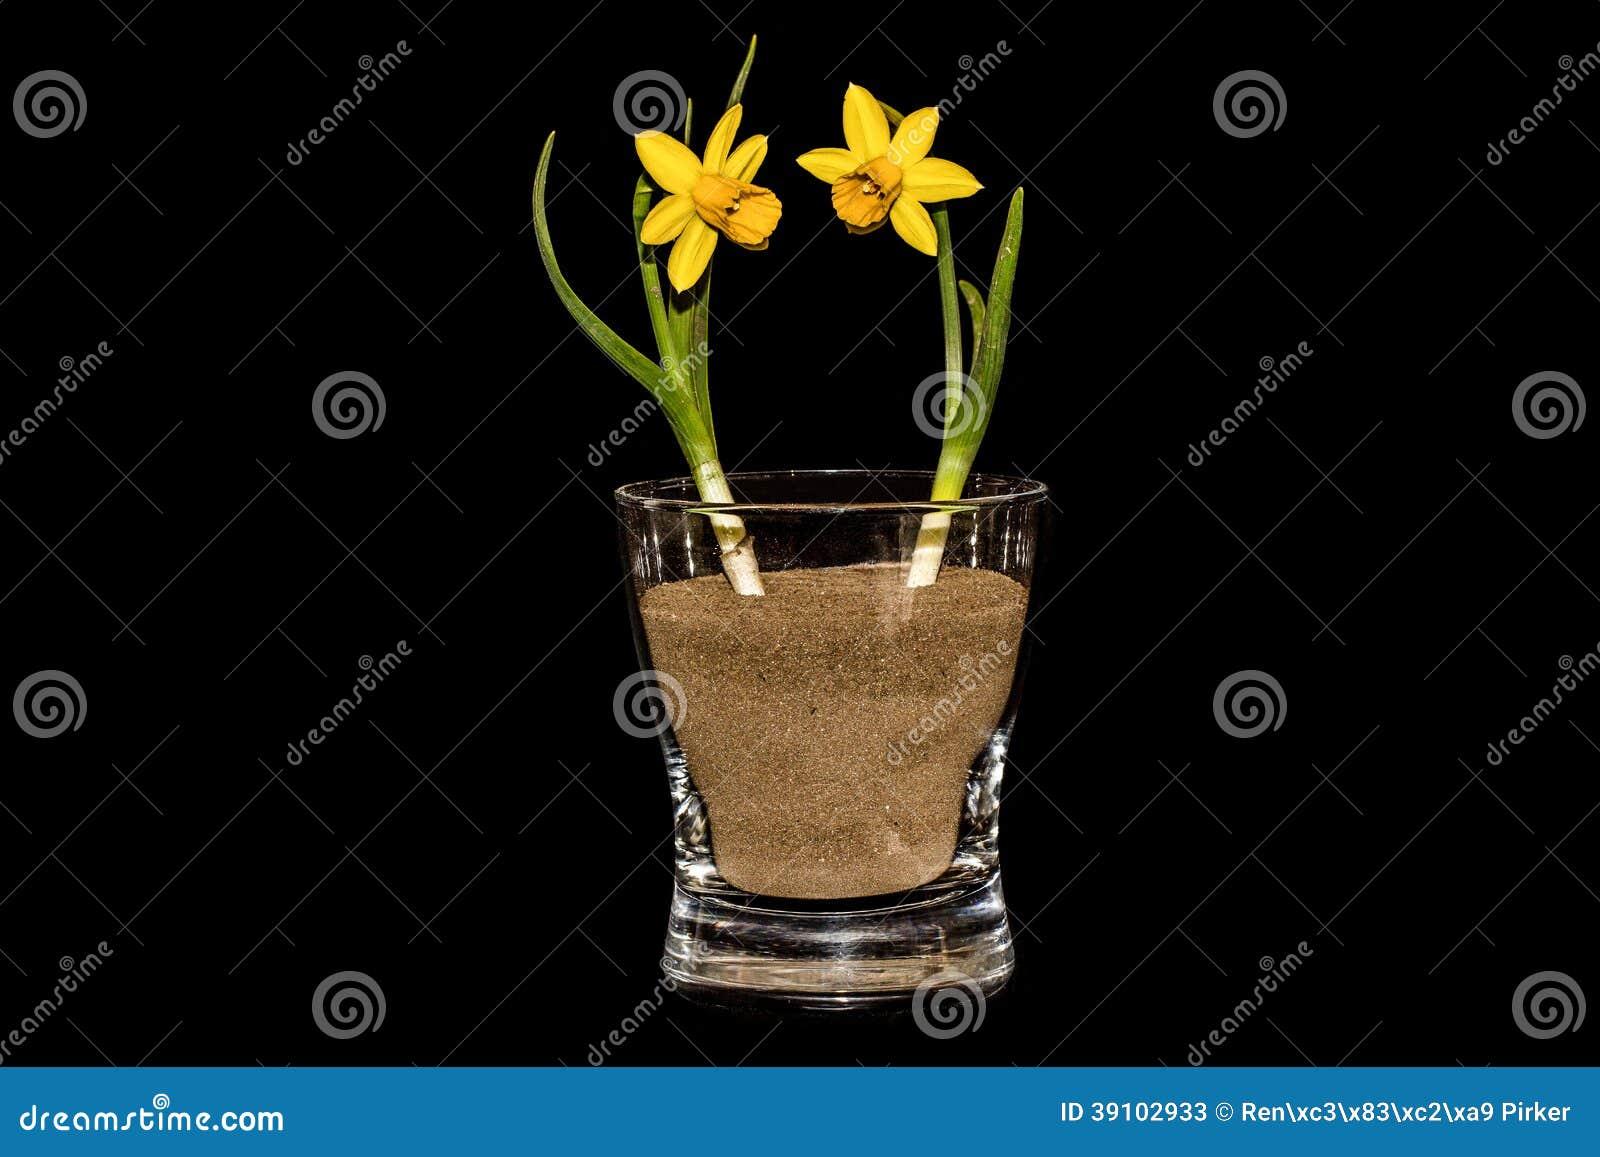 Twee Gele narcissen in een Glas